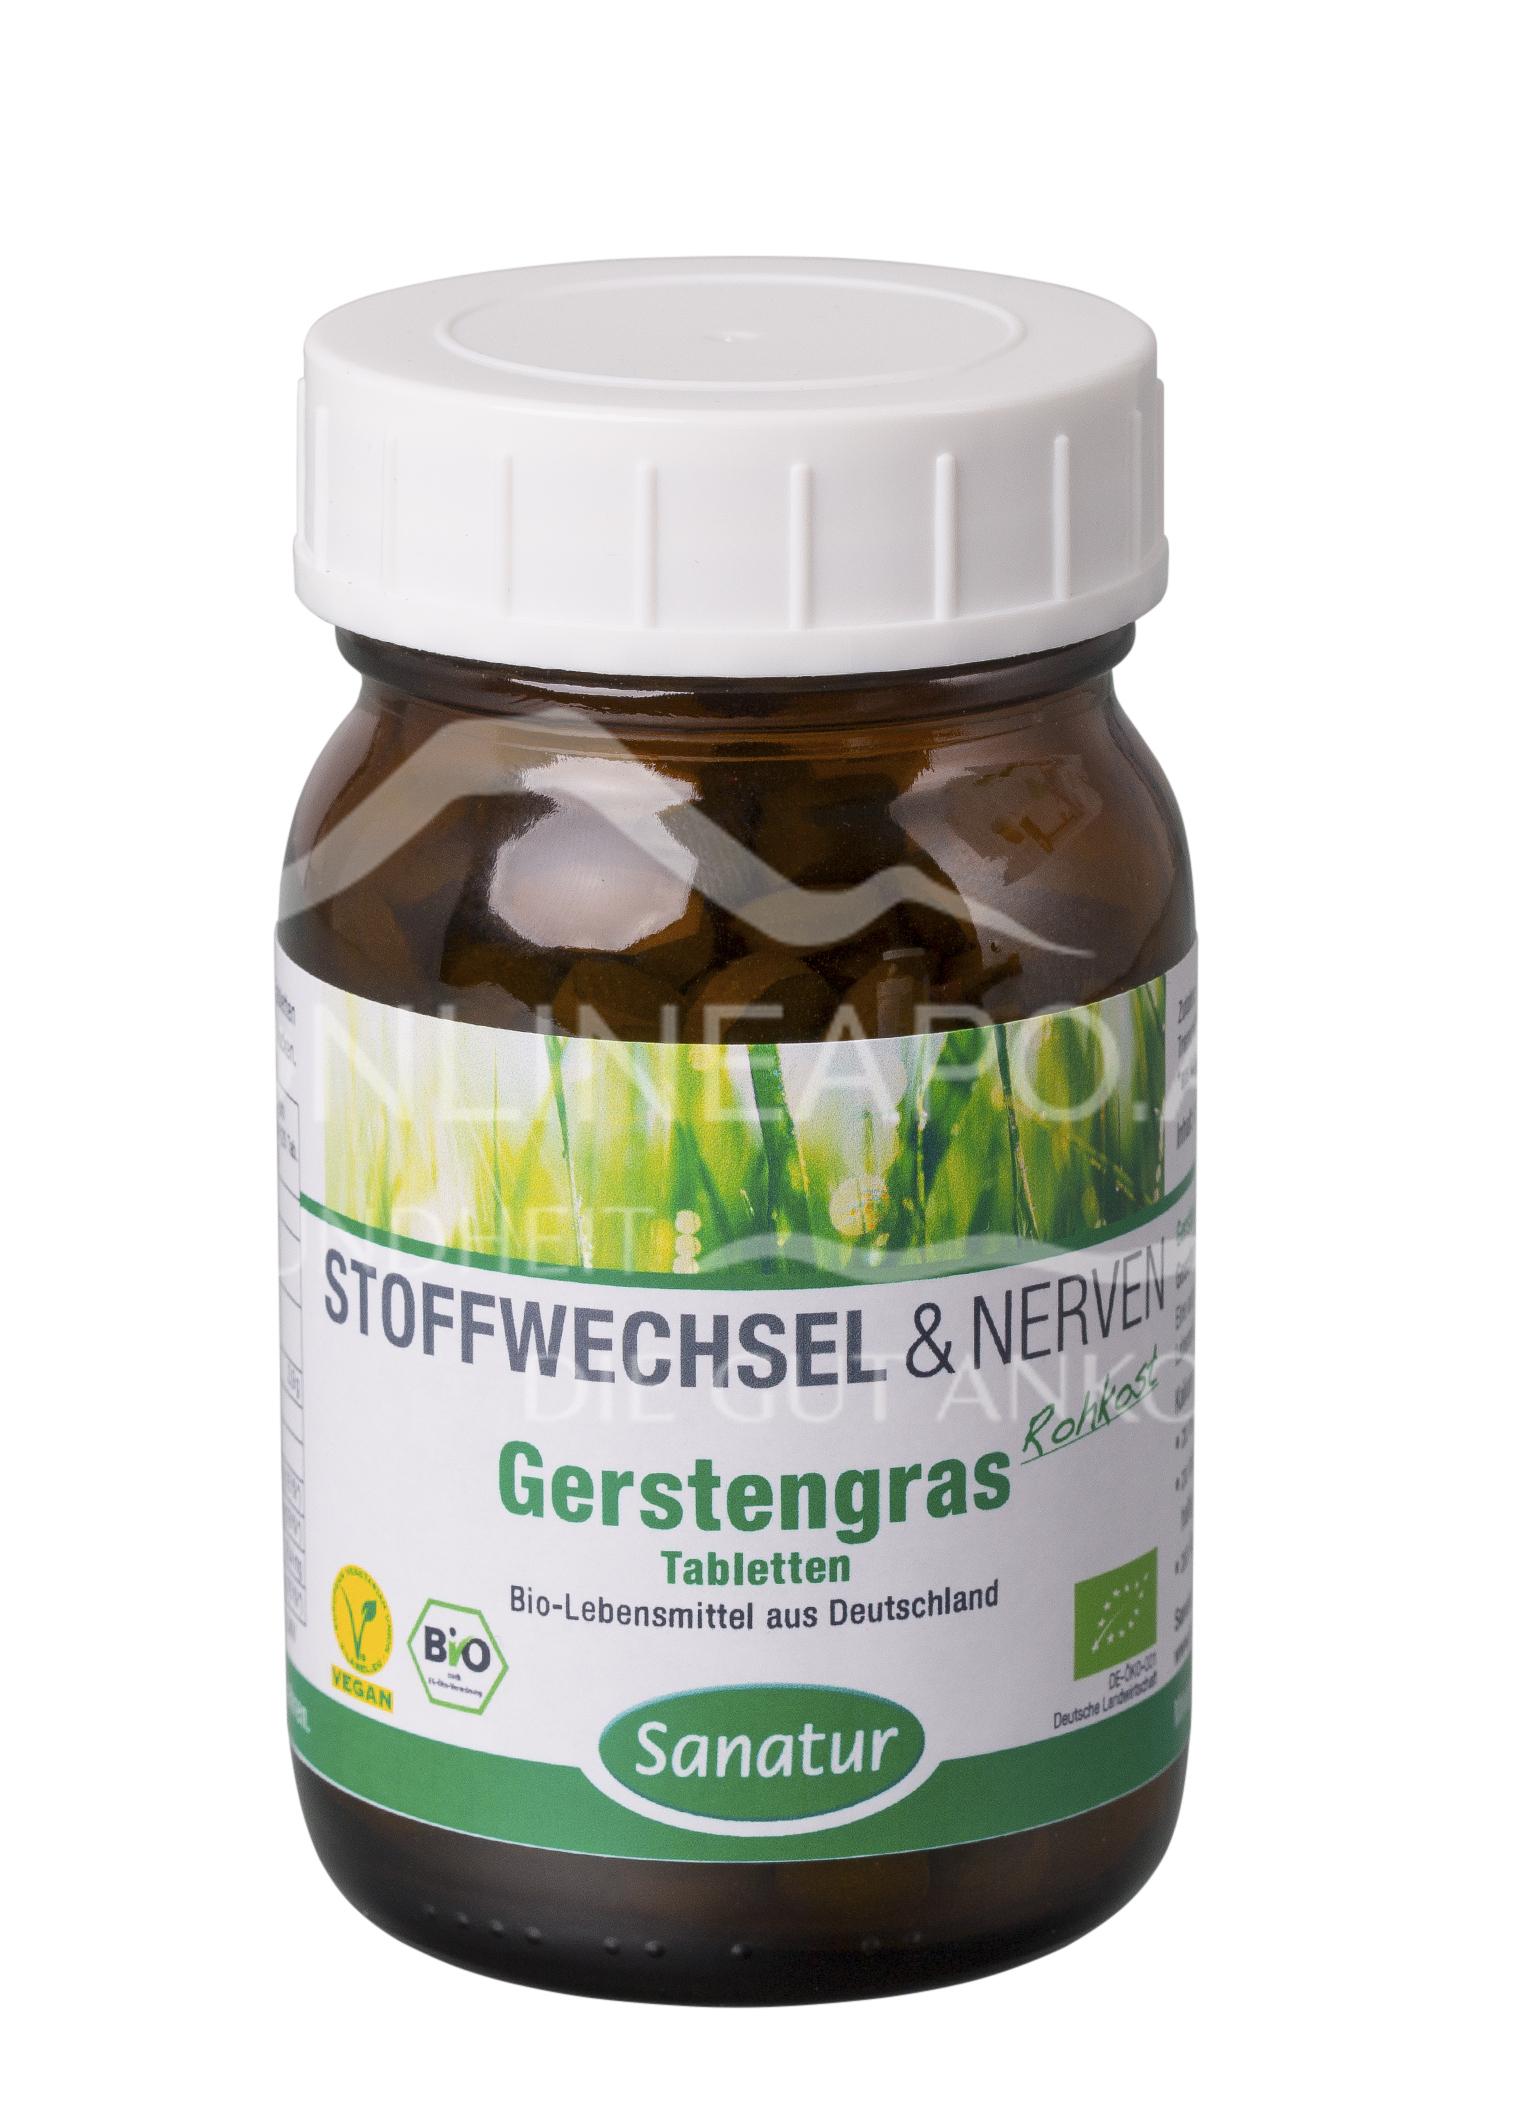 Sanatur Gersten-Gras Tabletten BIO